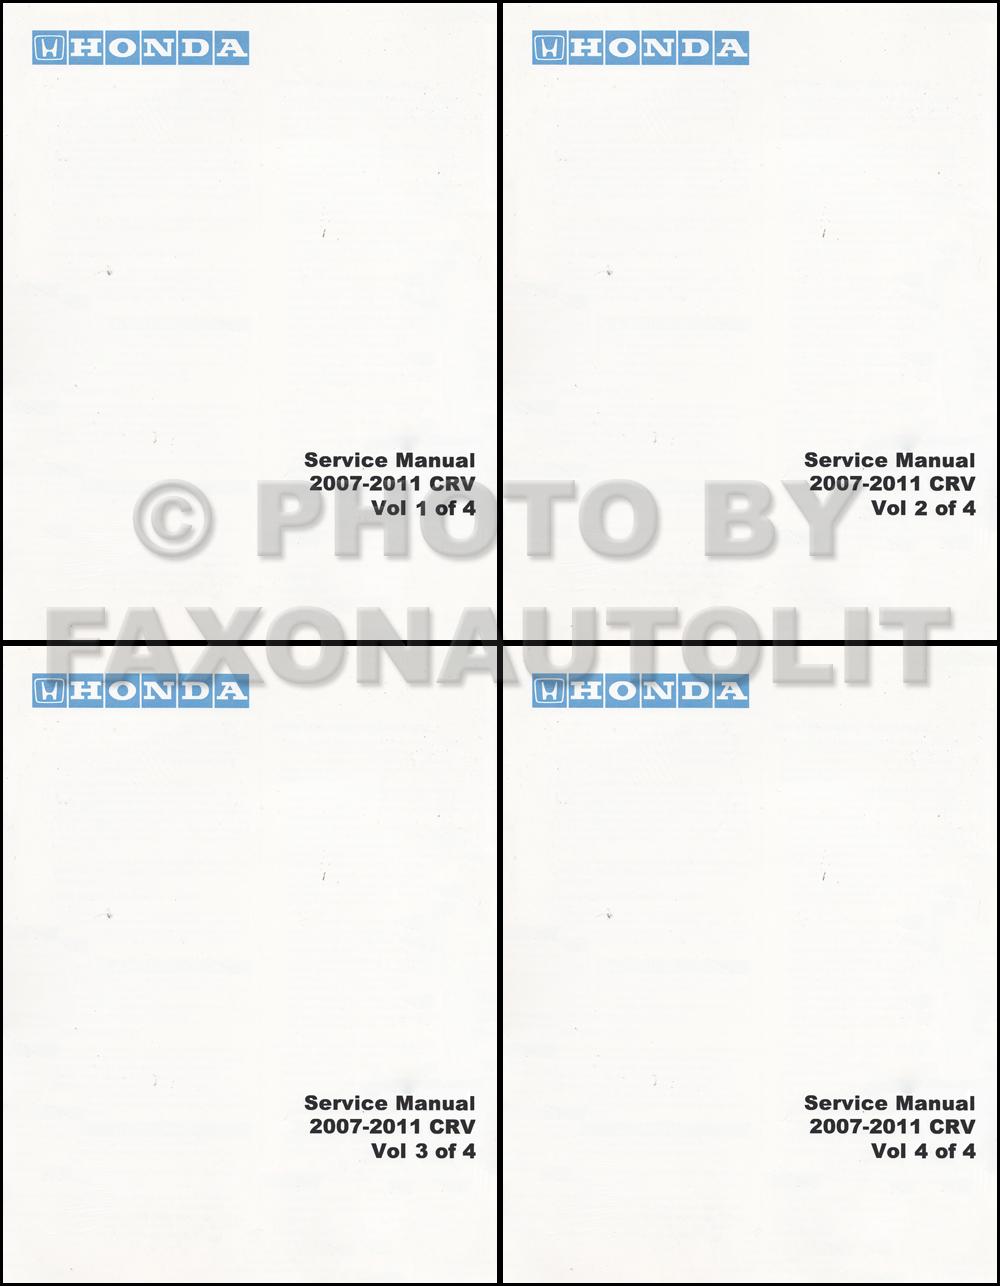 honda element service repair manual kostenlos herunterladen rh tropicalvacationspotsblog com 2007 honda element service manual pdf 2007 honda element service manual pdf